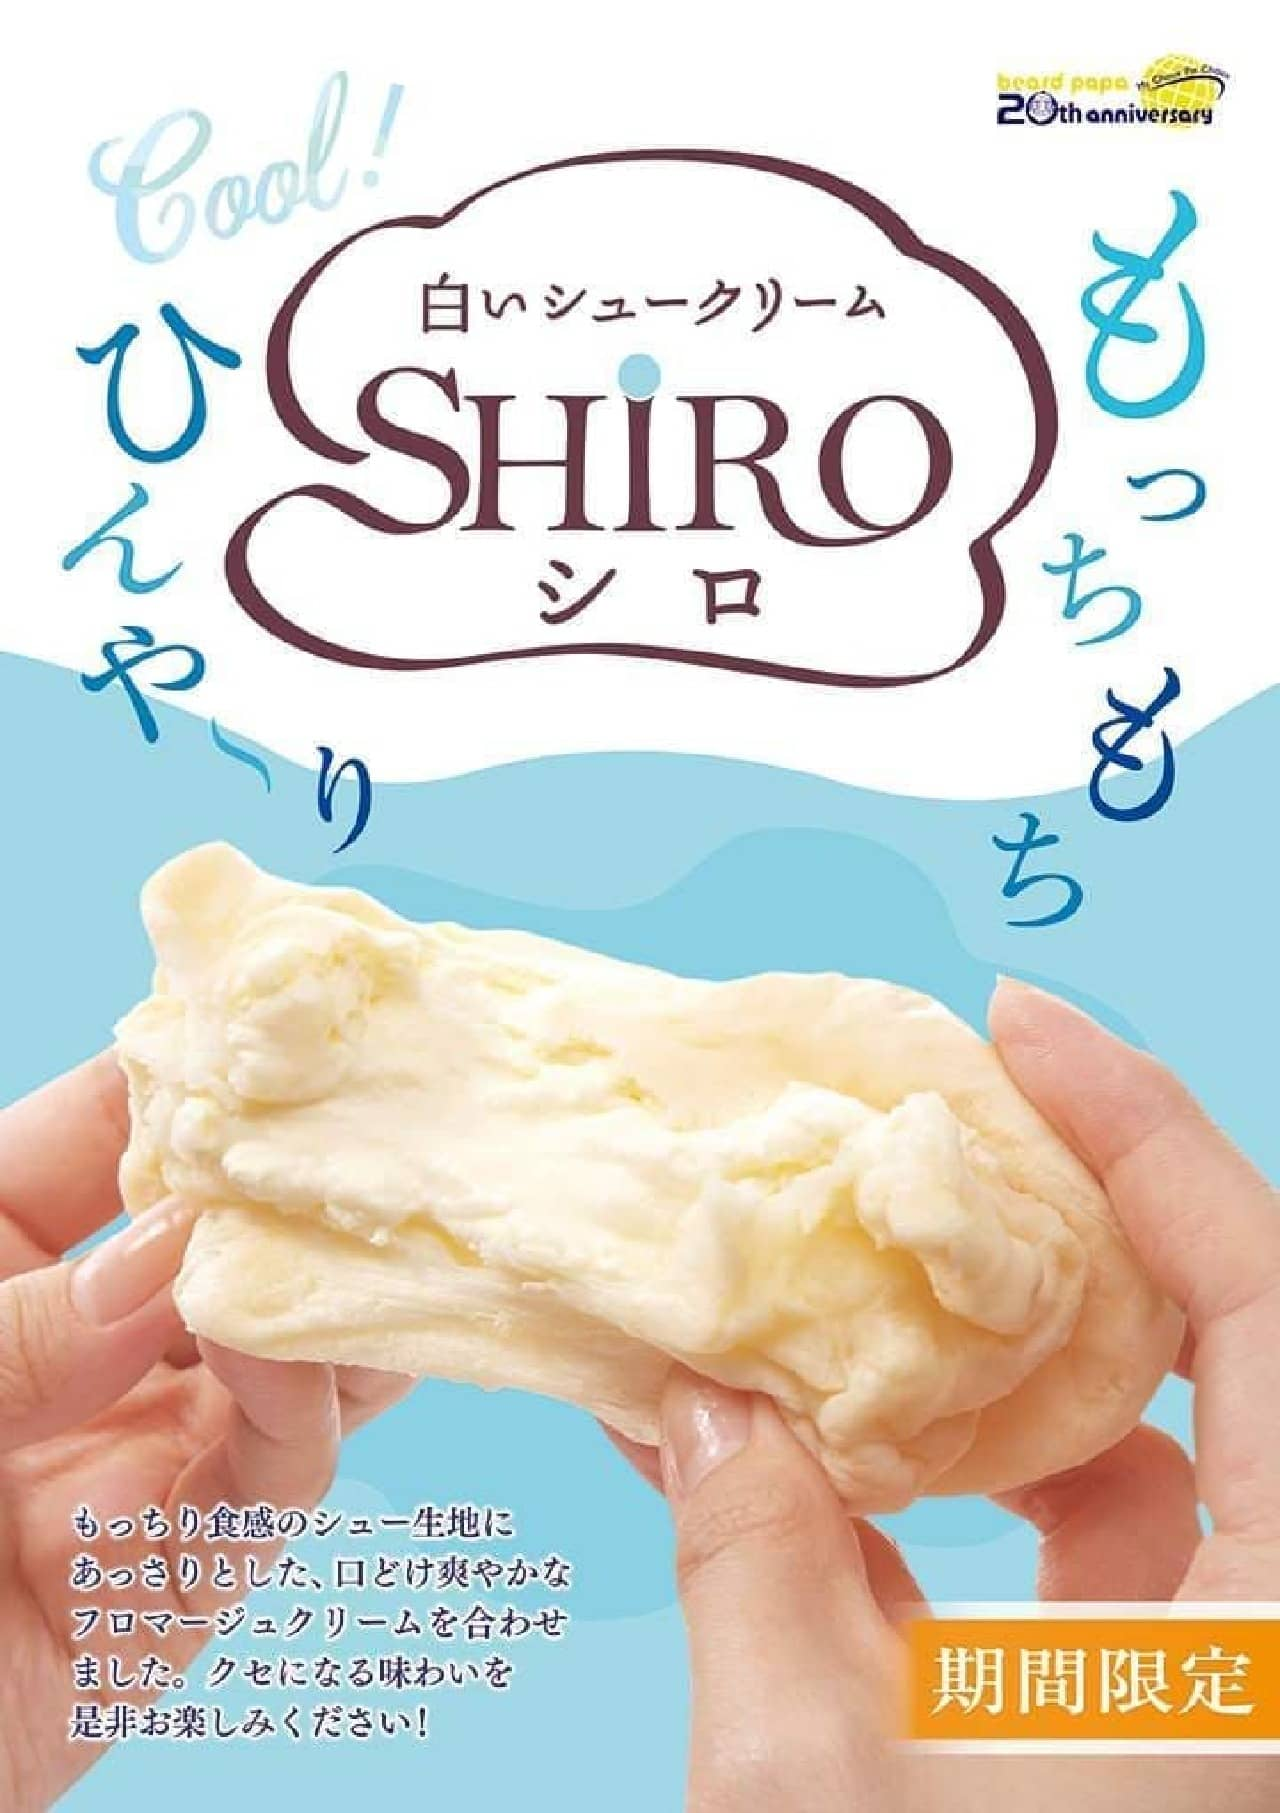 ビアードパパ 夏季限定の白いシュークリーム「SHIRO(シロ)」